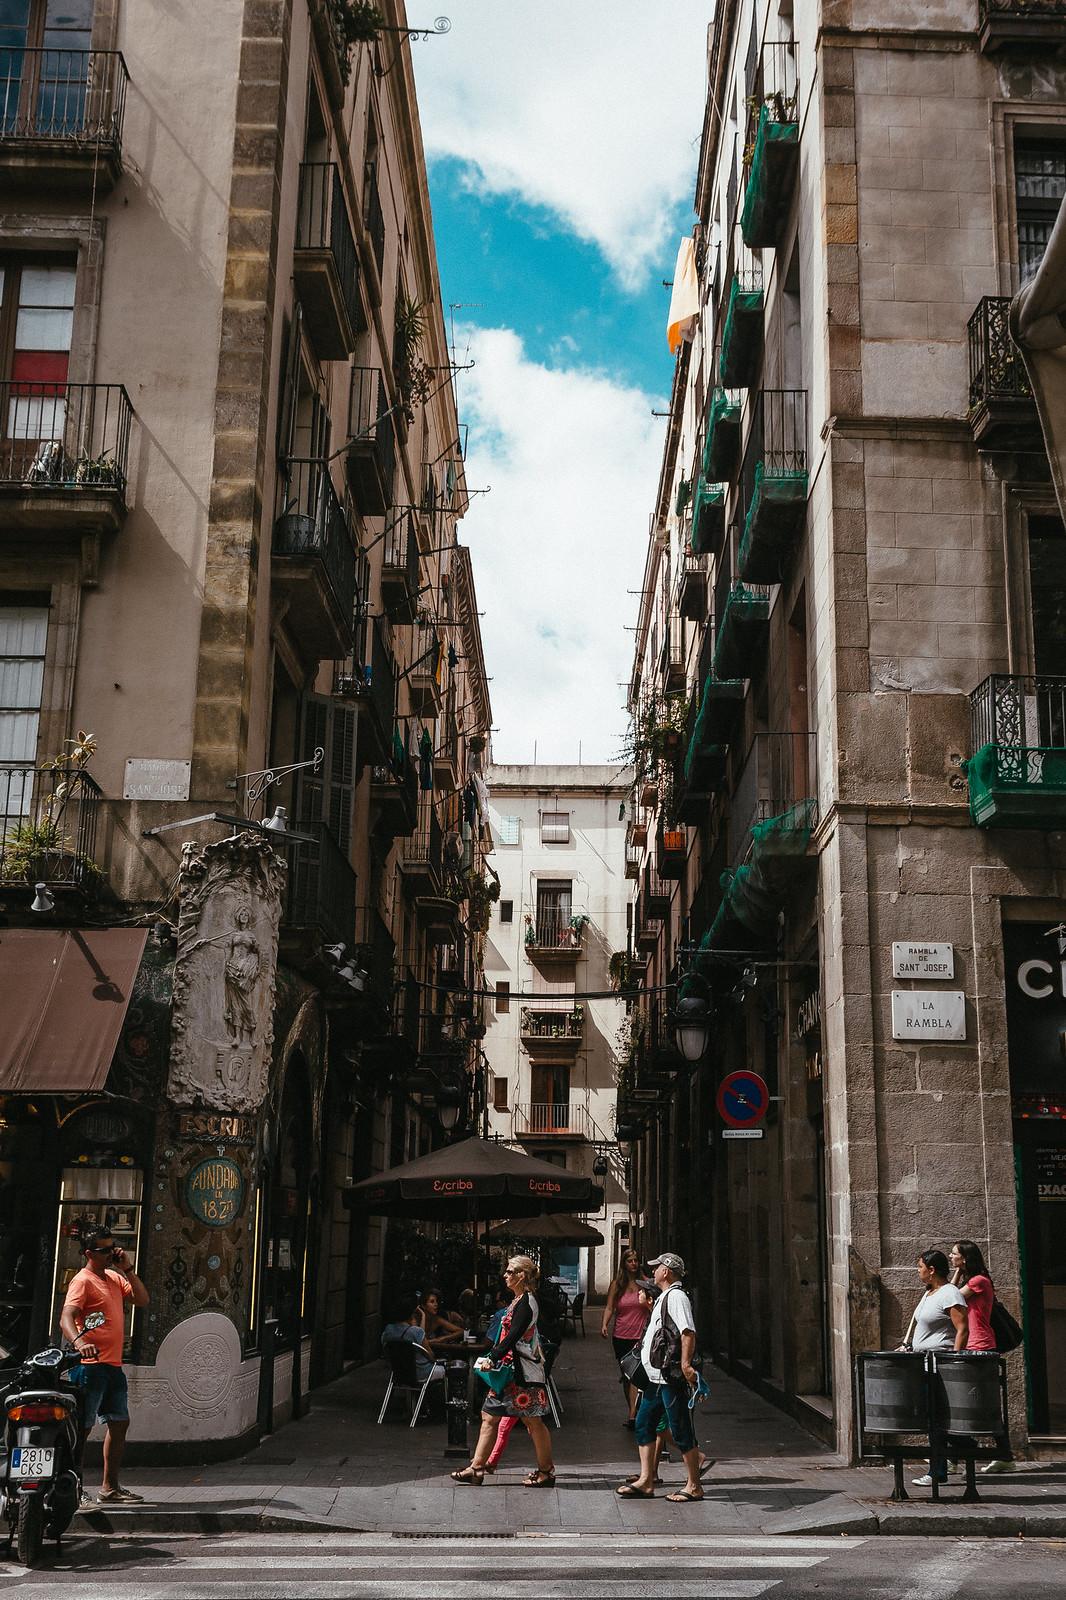 Barcelona in a glimpse